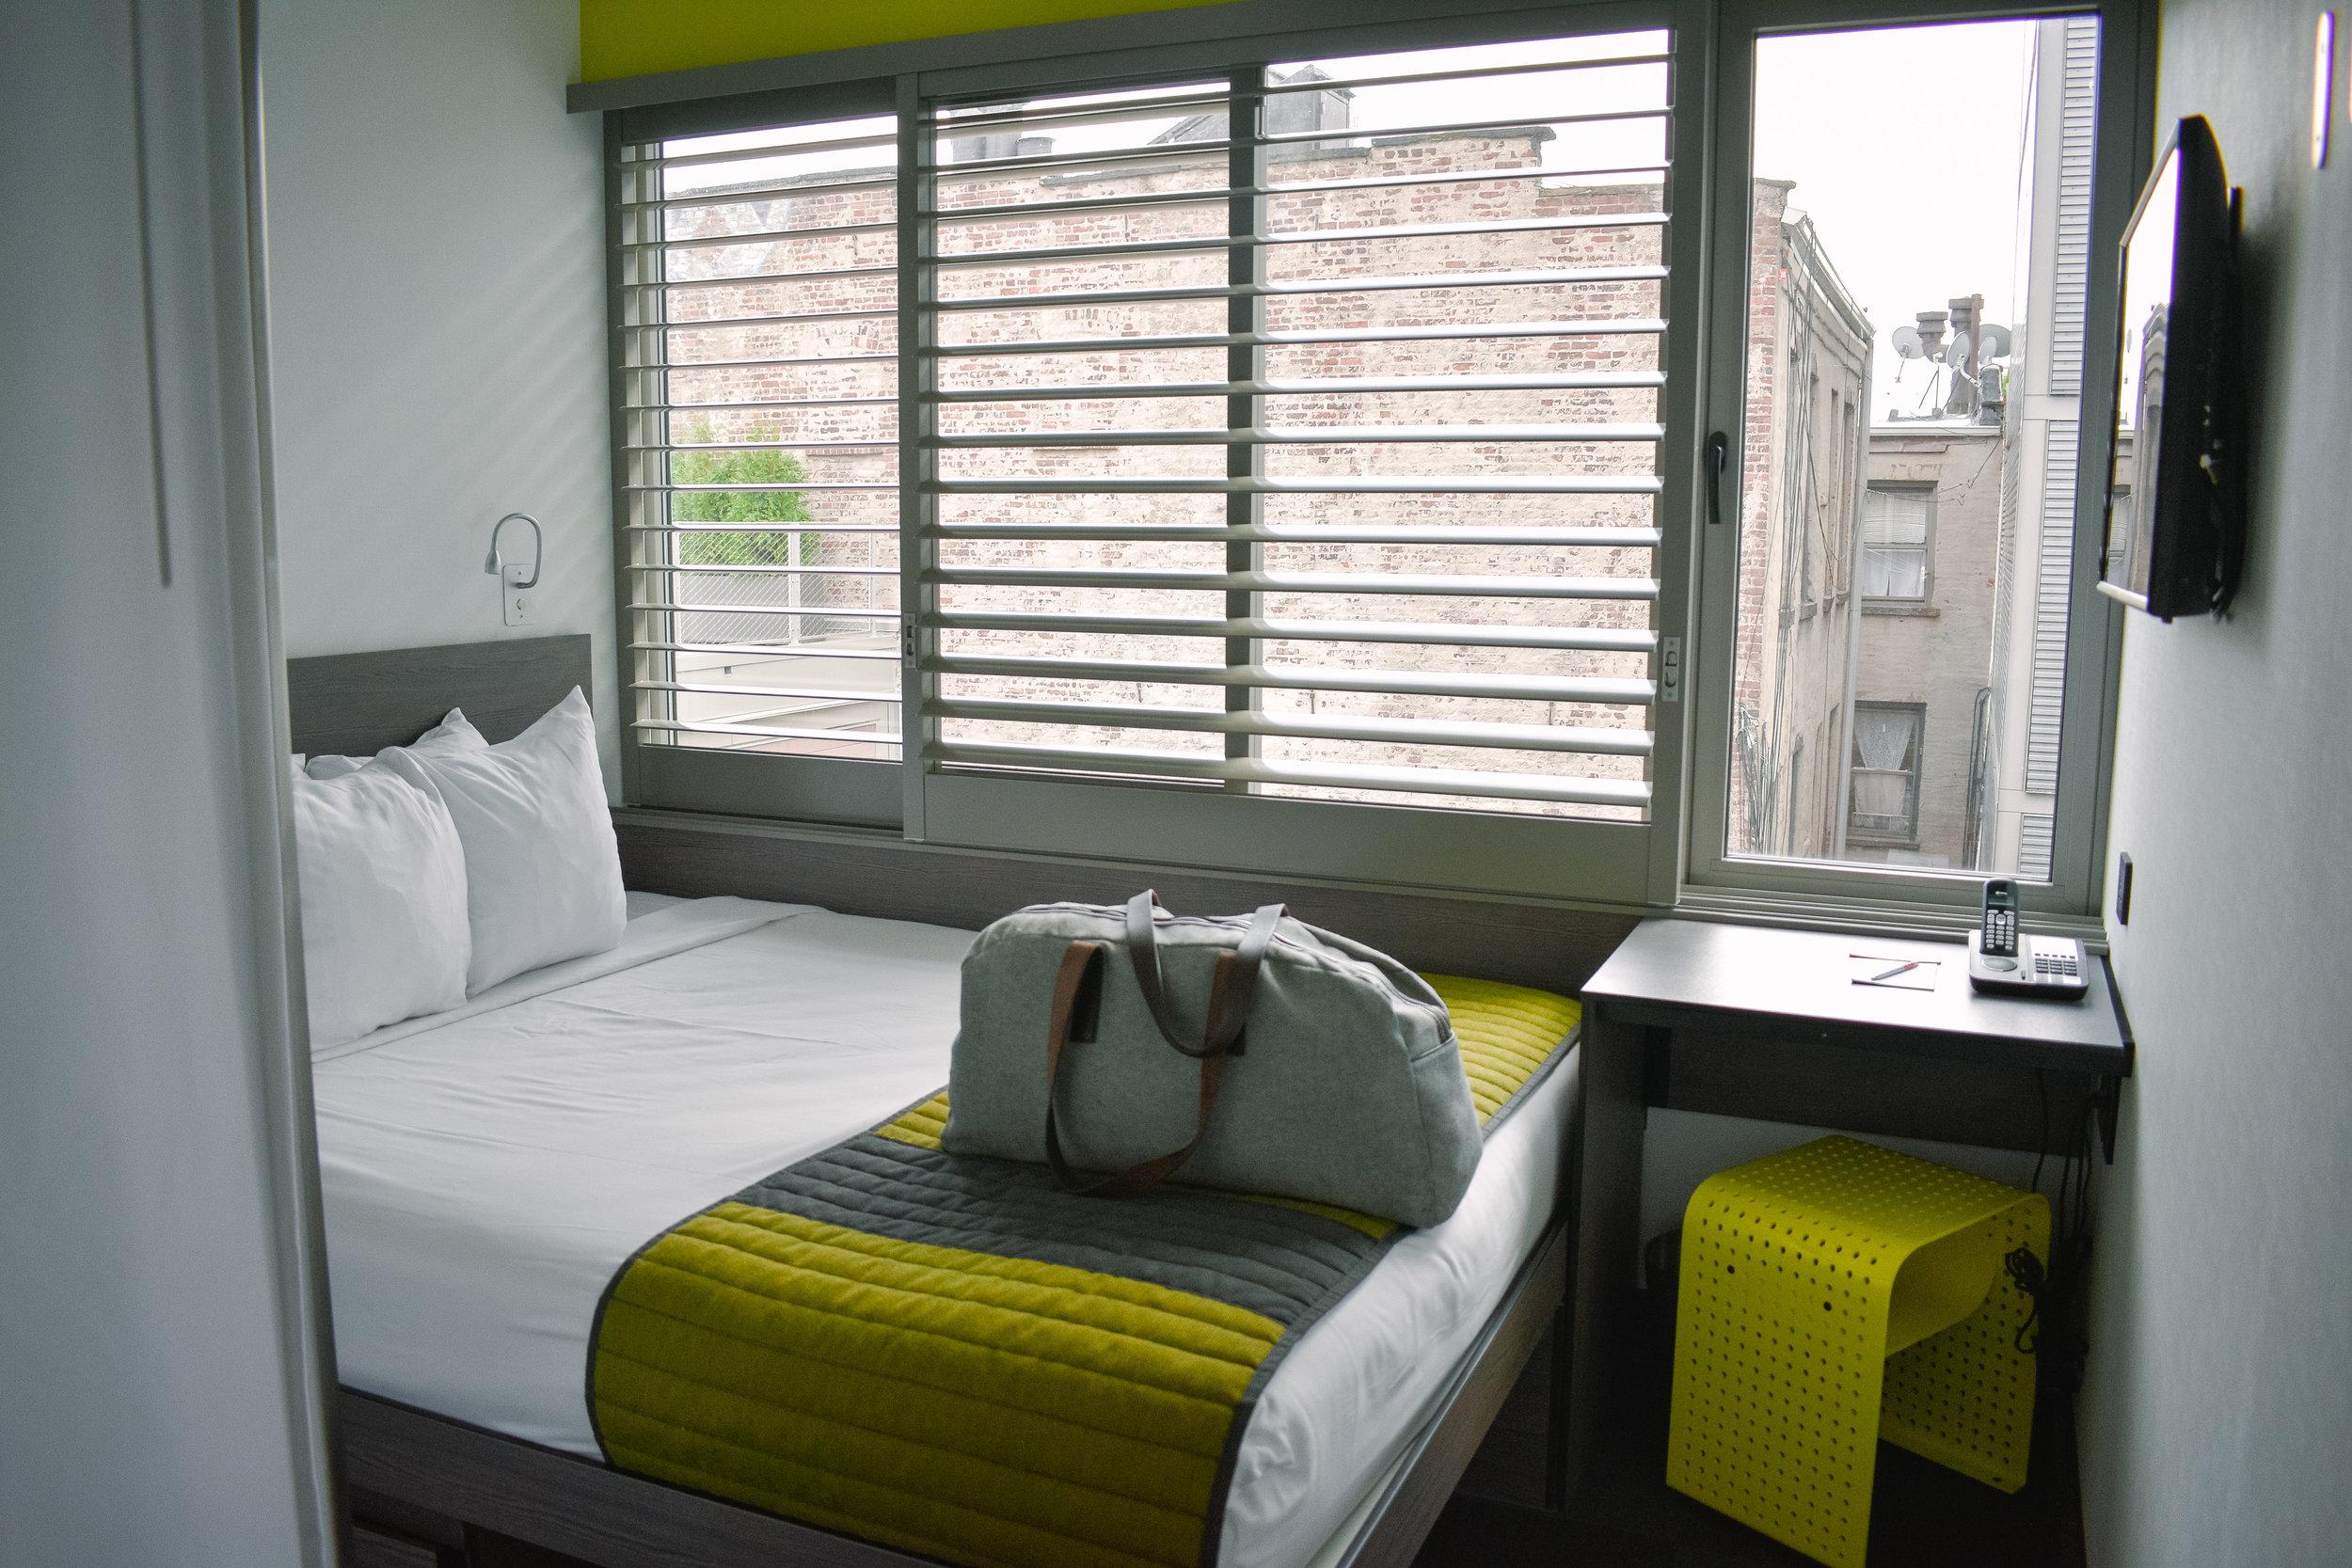 The POD Hotel in Brooklyn, NY